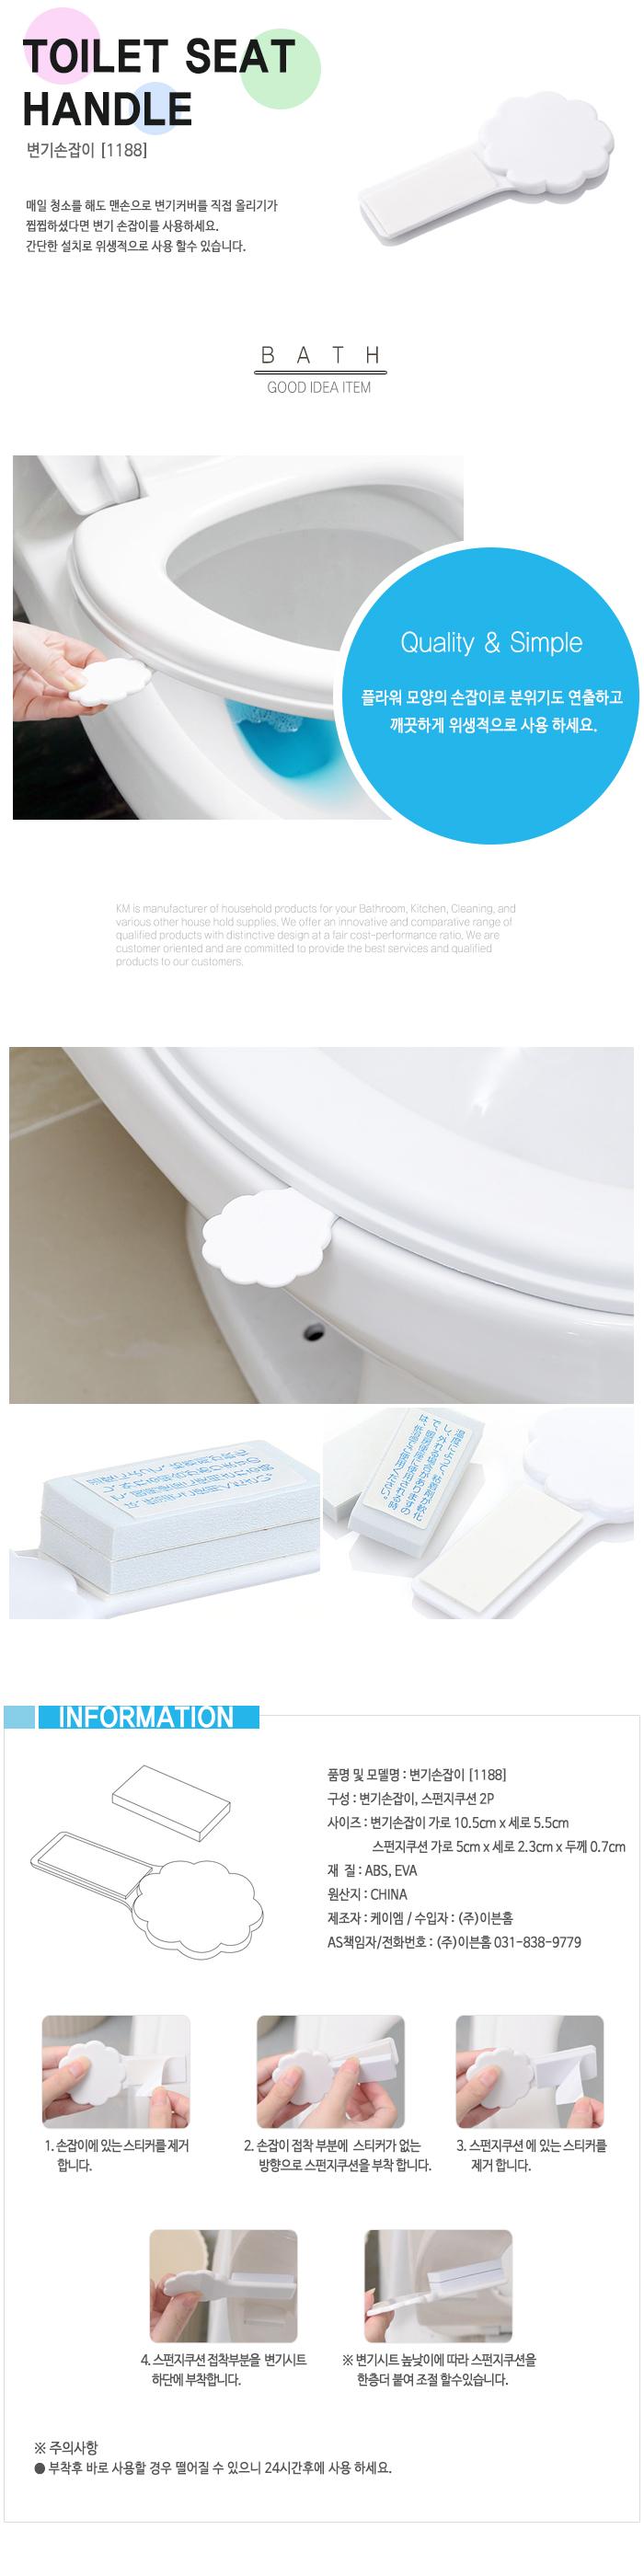 변기커버시트를 위생적으로 열수 있는 손잡이